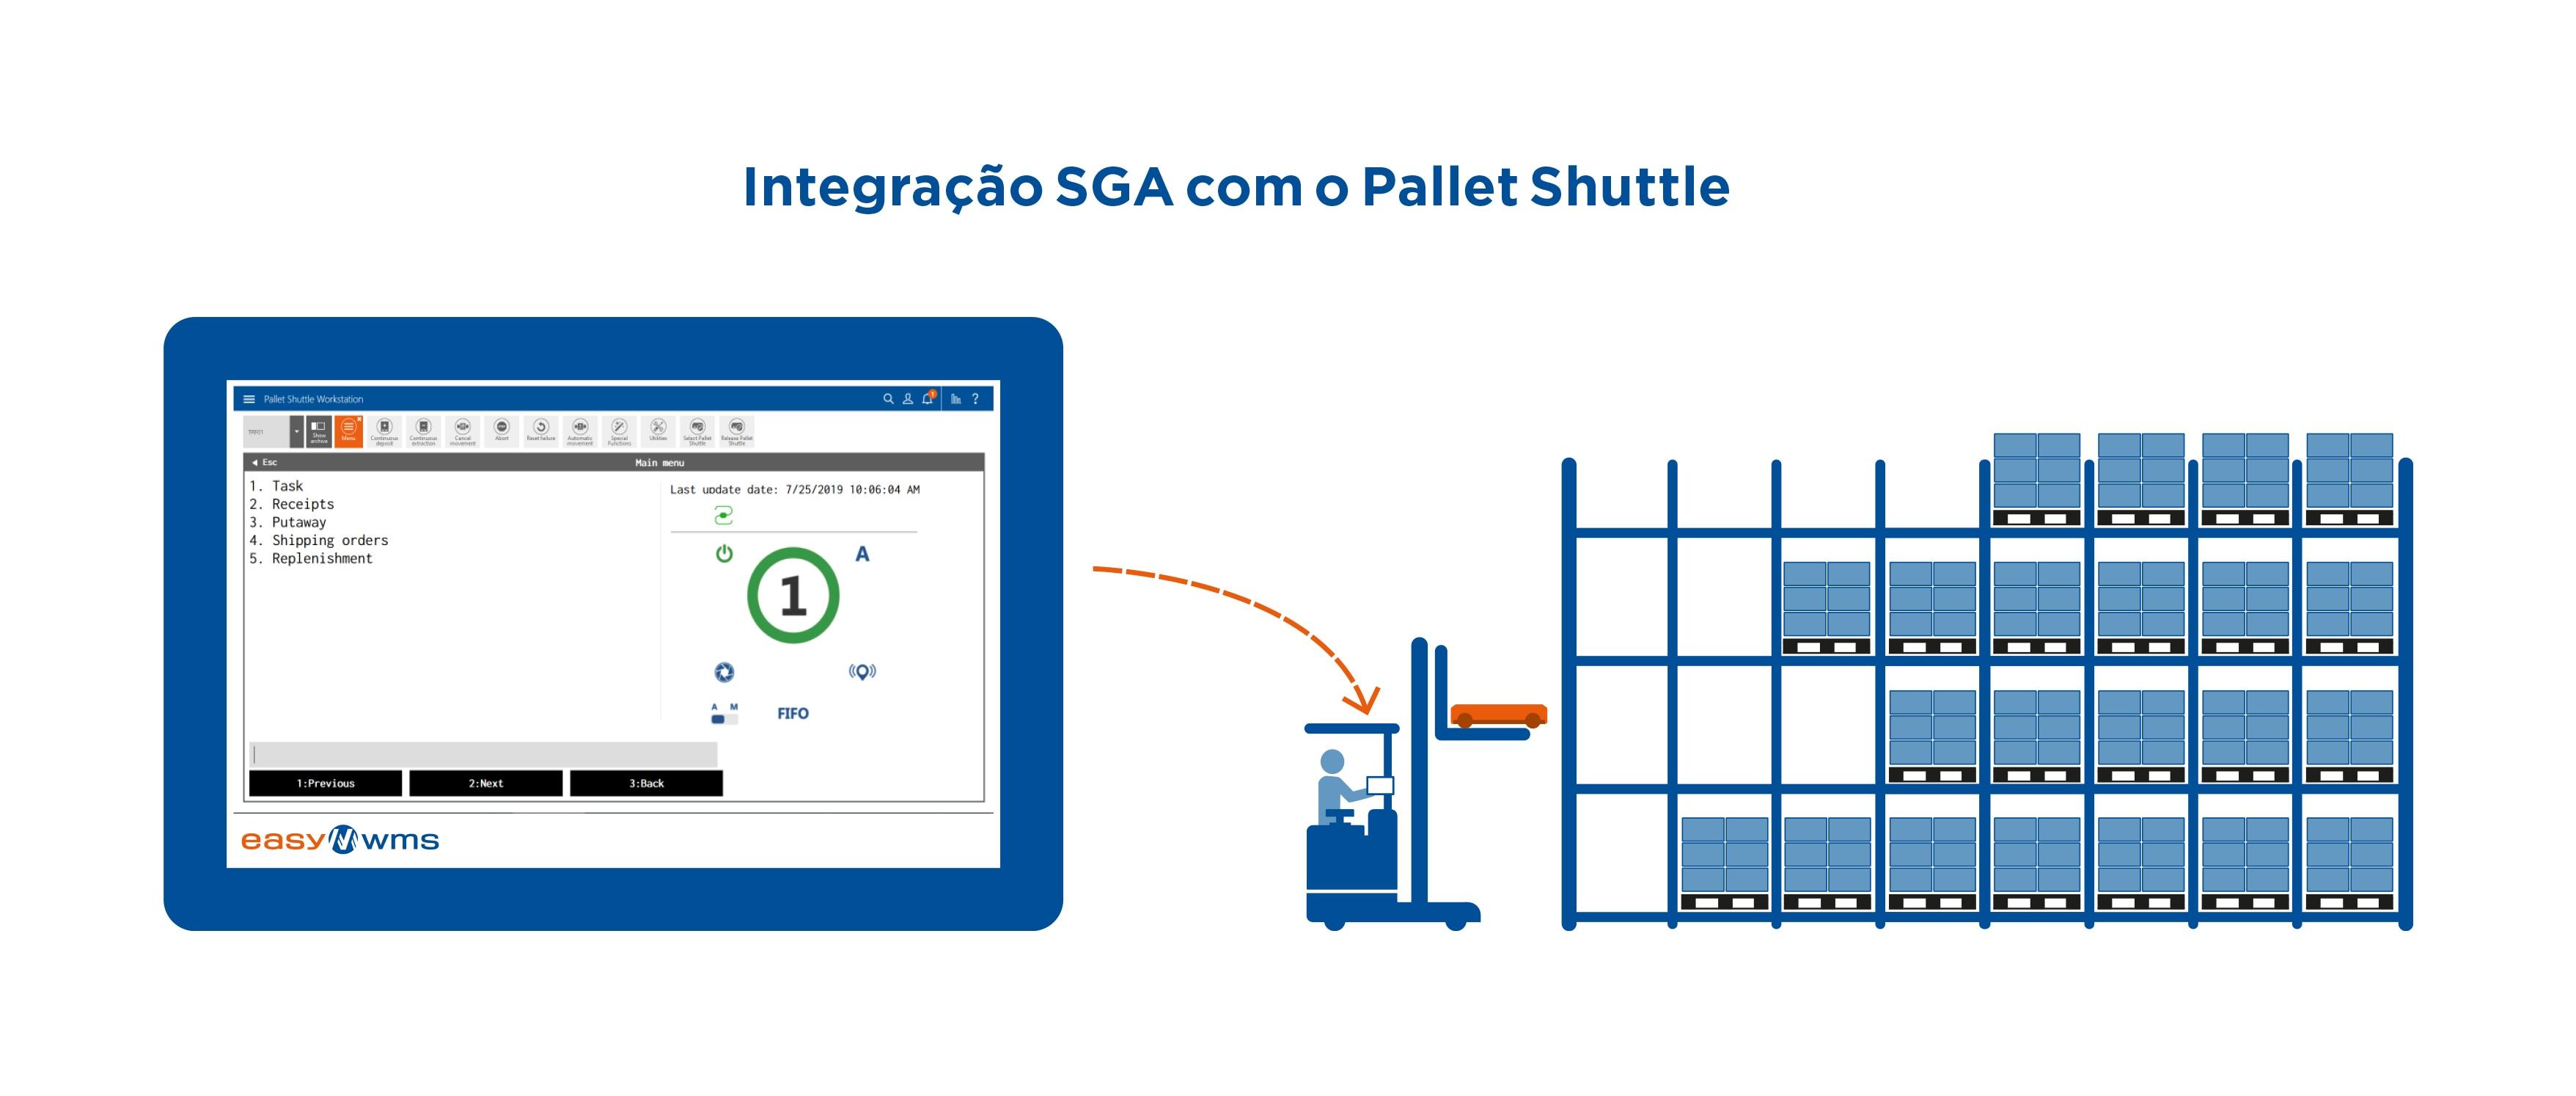 Integração SGA com o Pallet Shuttle